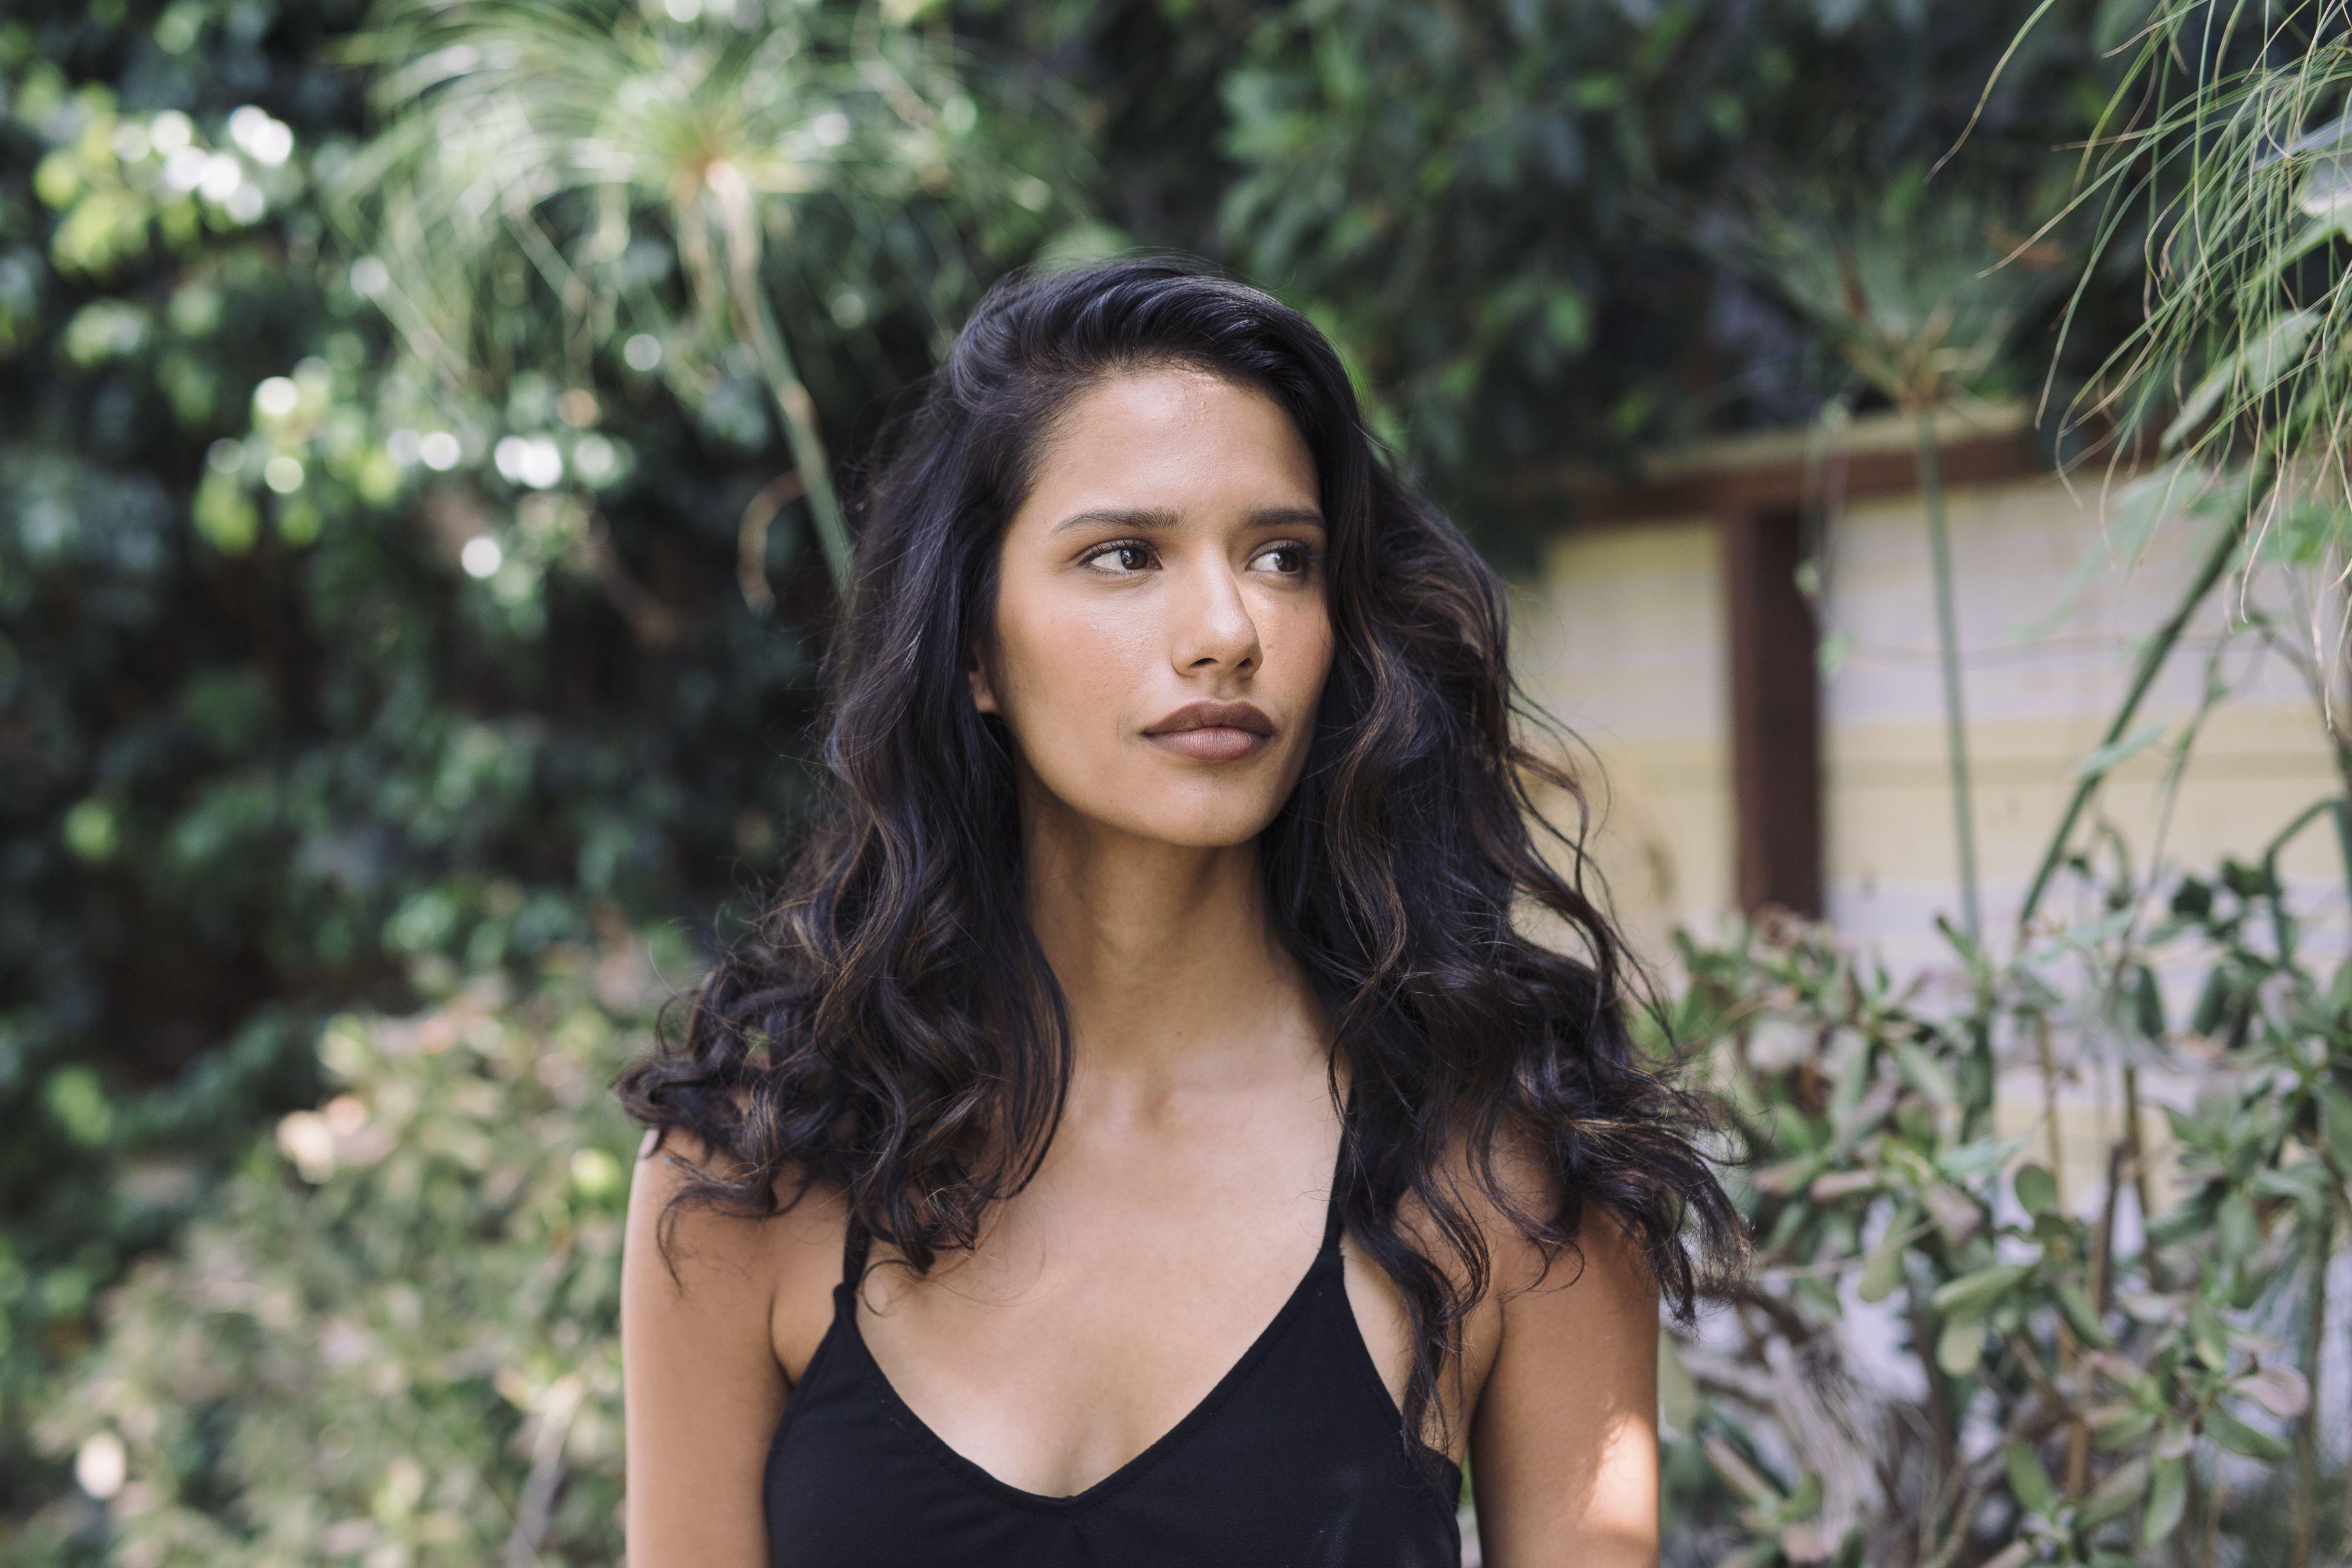 Picture of Tanaya Beatty